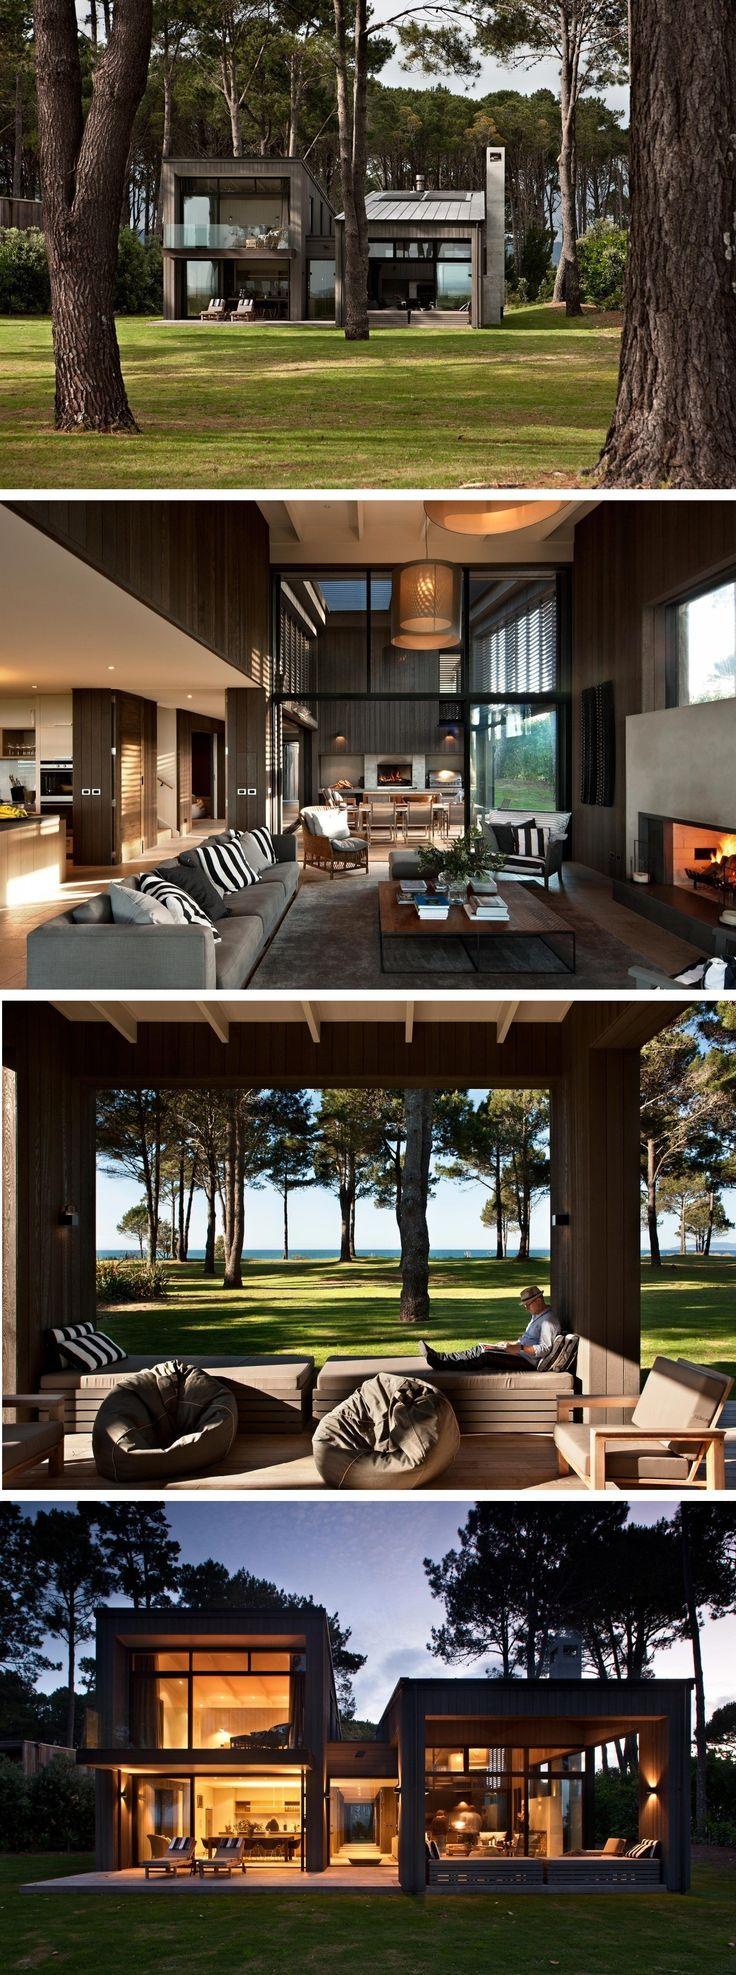 3215 besten Houses Bilder auf Pinterest | Moderne architektur ...